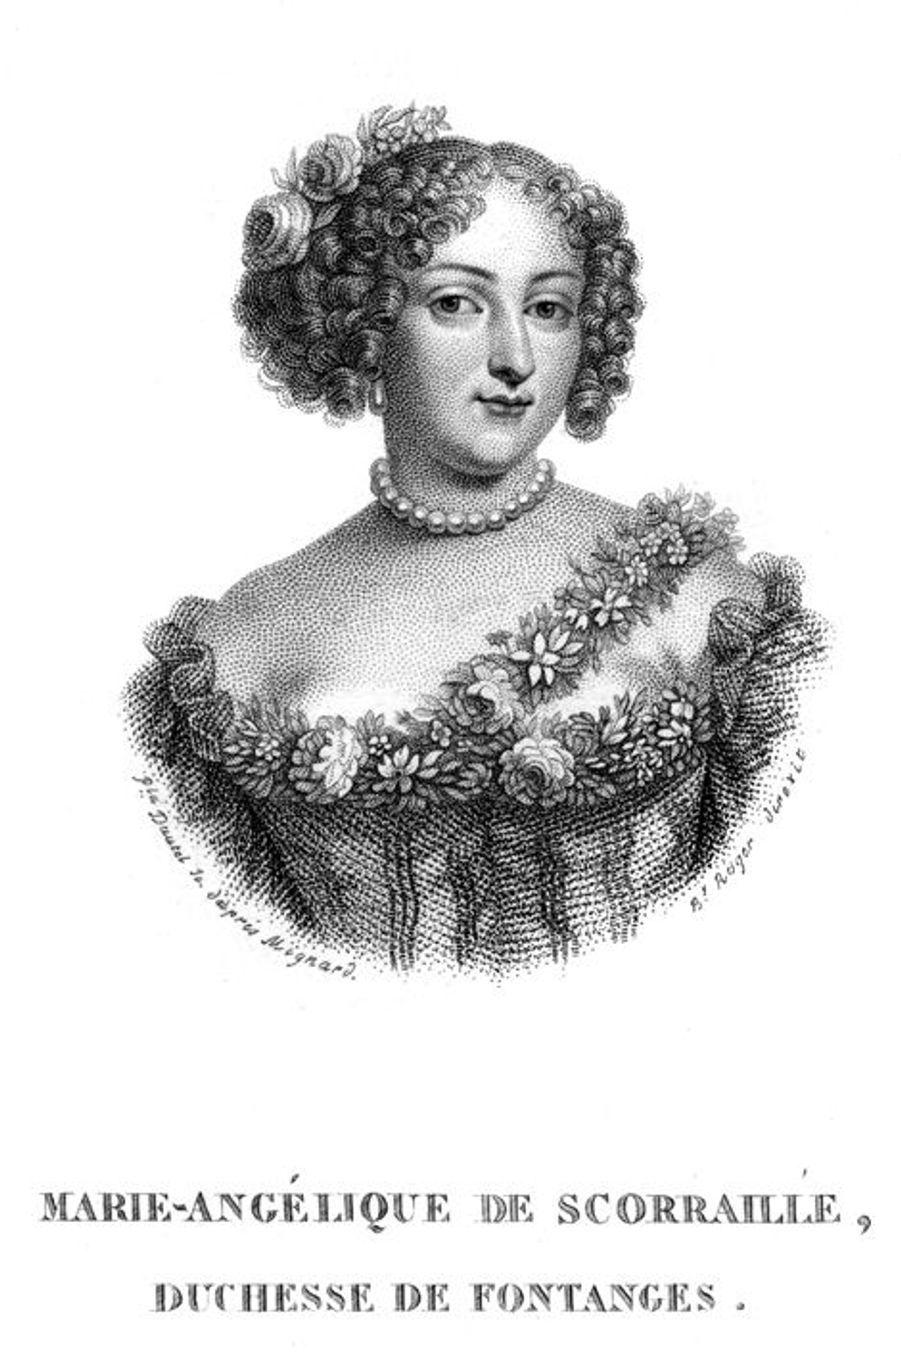 La duchesse de Fontanges (gravure d'après Mignard)